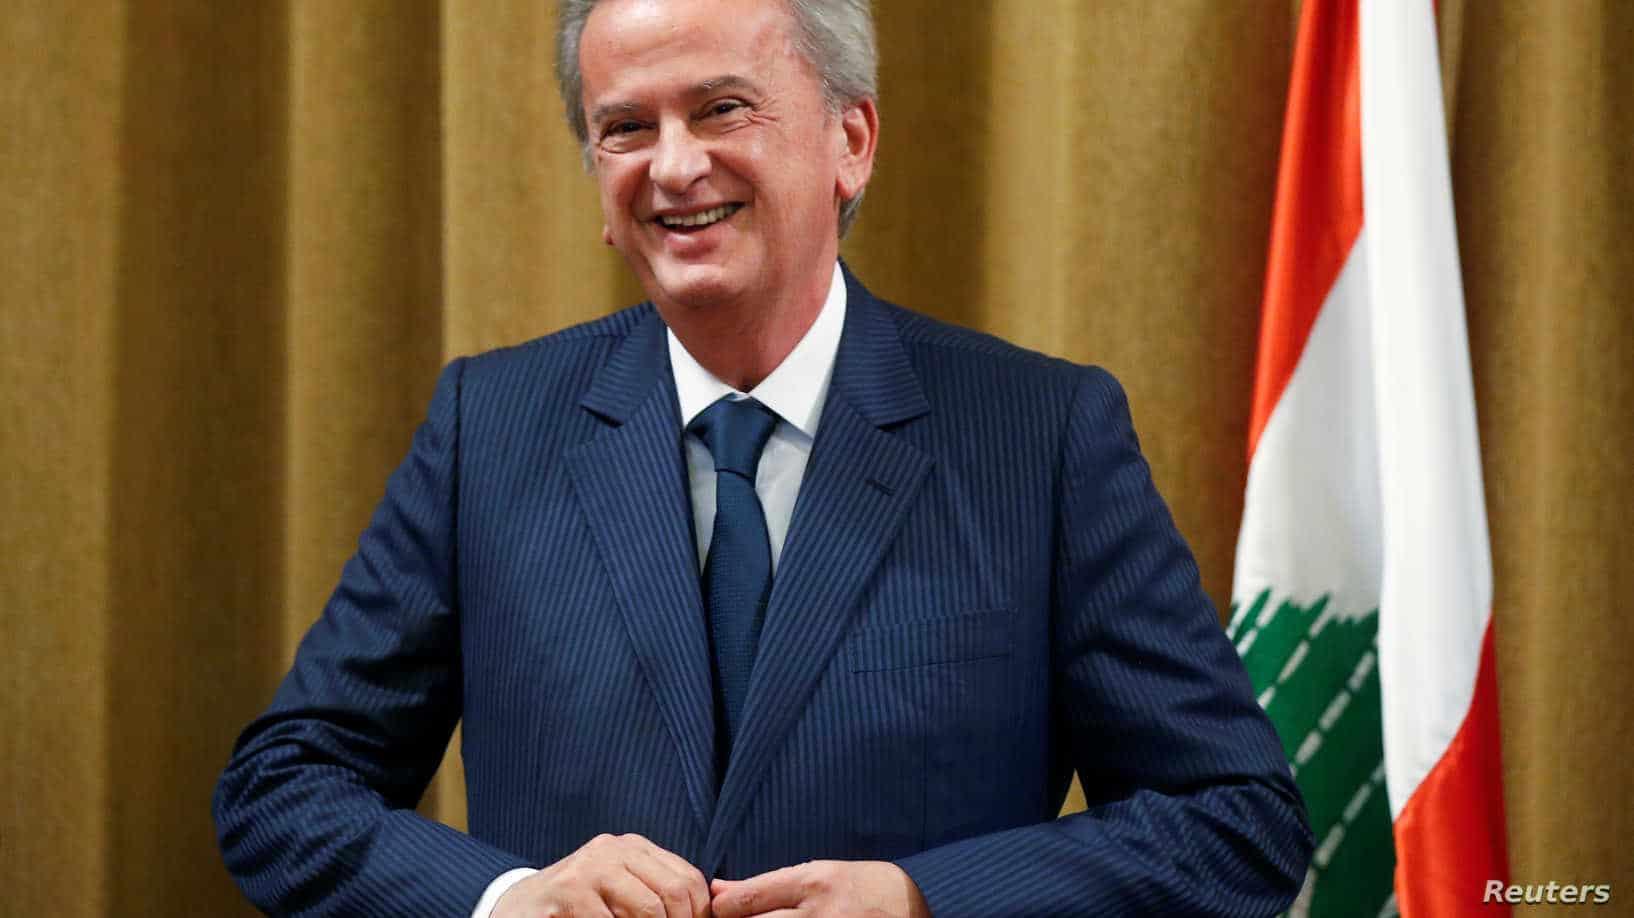 فضيحة لحاكم مصرف لبنان رياض سلامة.. الجمارك الفرنسية ضبطته يهرّب أموالا بحقيبة